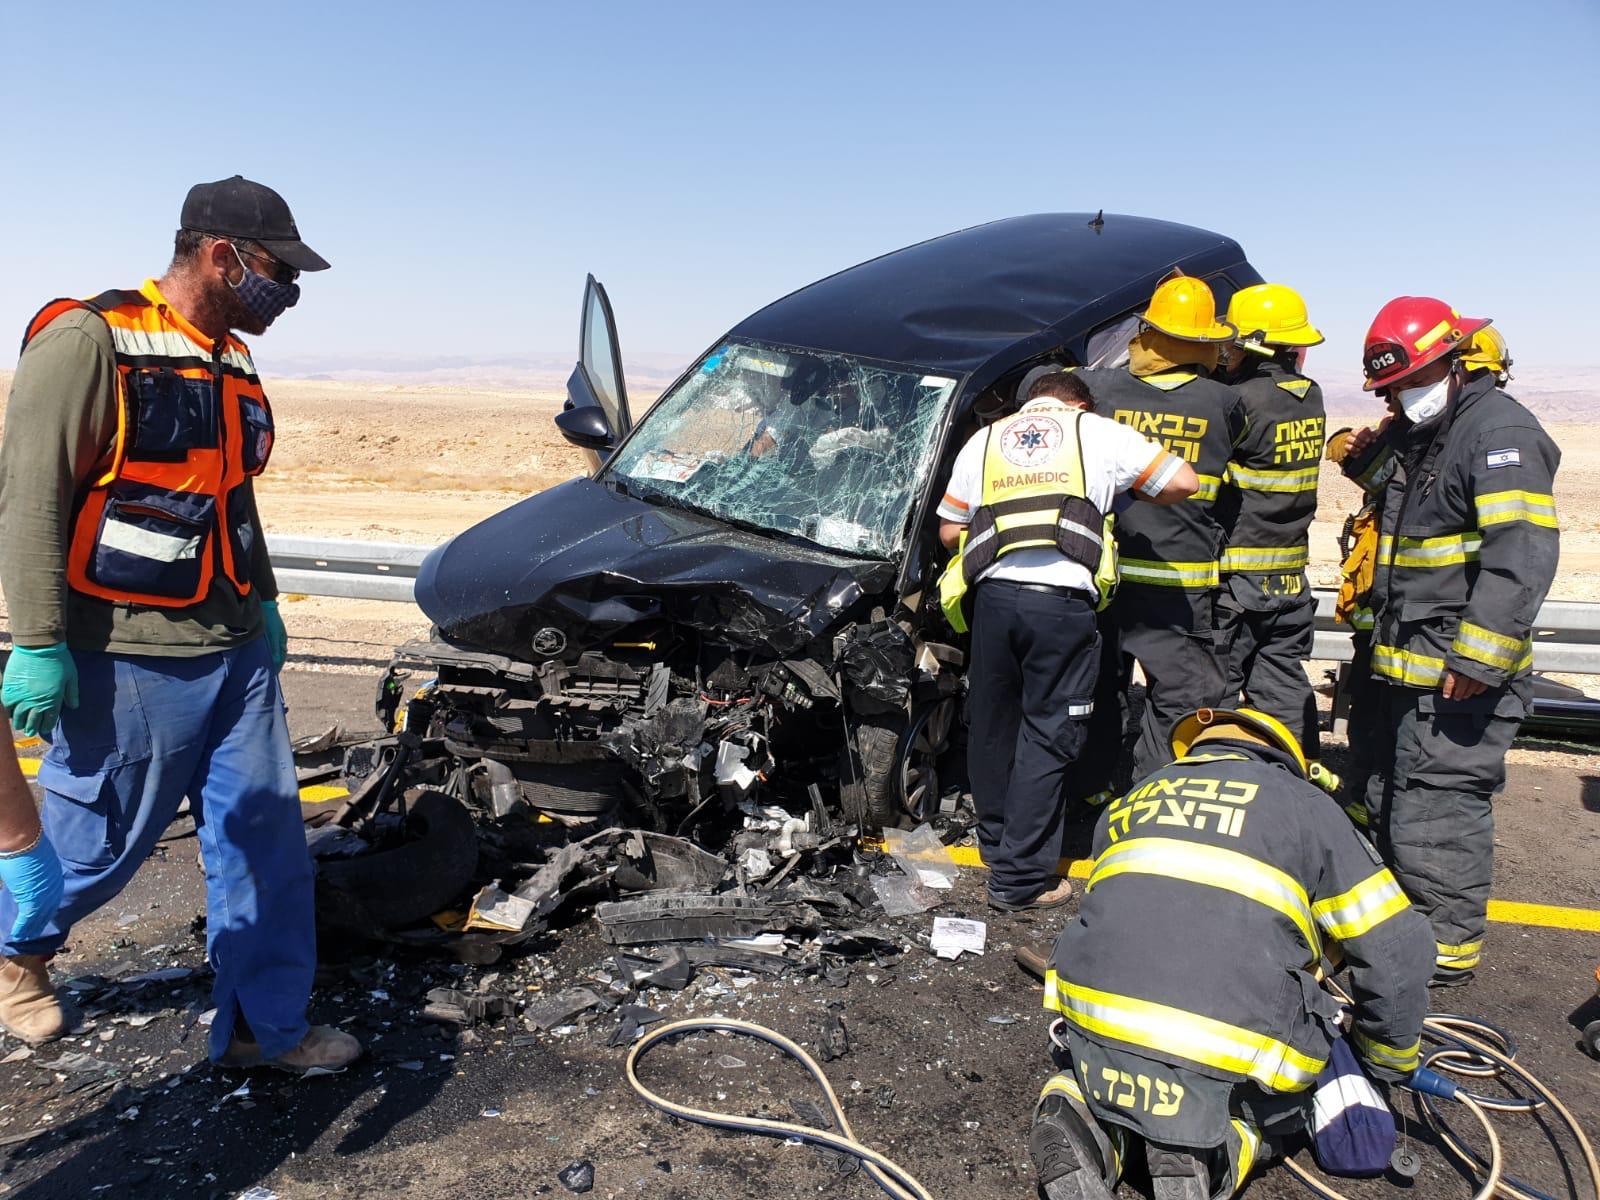 תמונות מהתאונה המחרידה בכביש 90 ליד צומת מנוחה